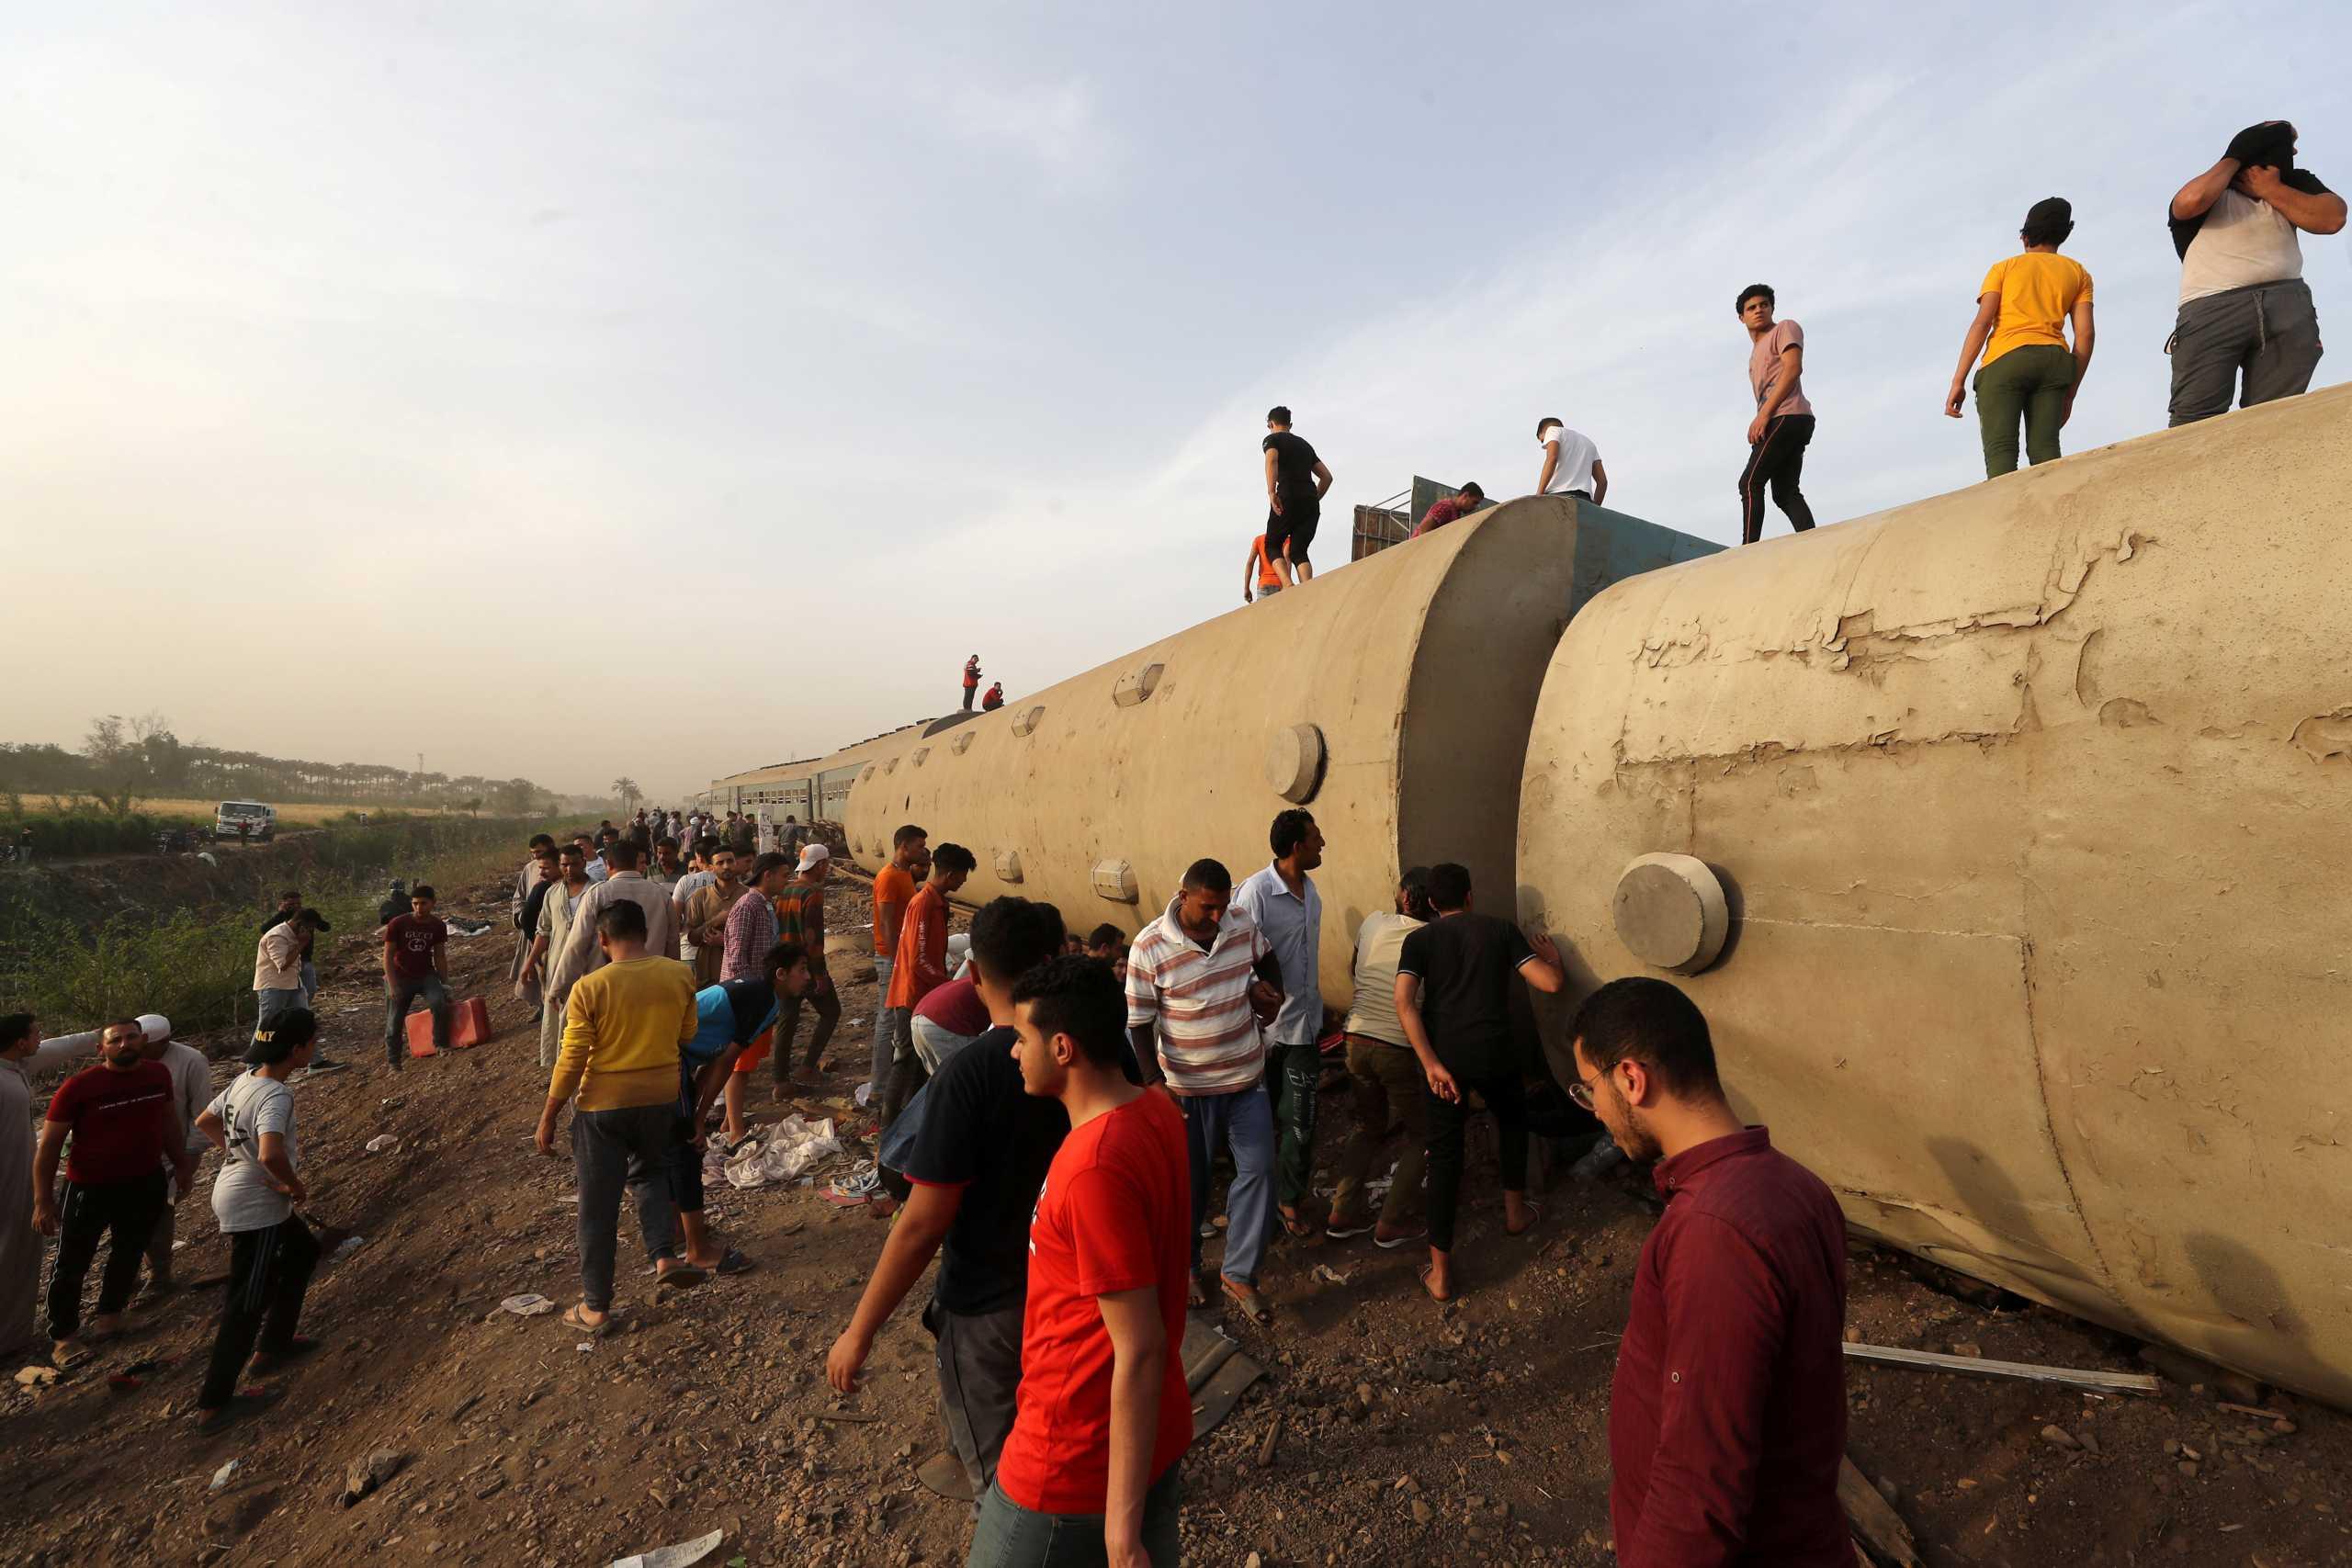 Αίγυπτος: Τουλάχιστον 11 νεκροί από τον εκτροχιασμό του τρένου